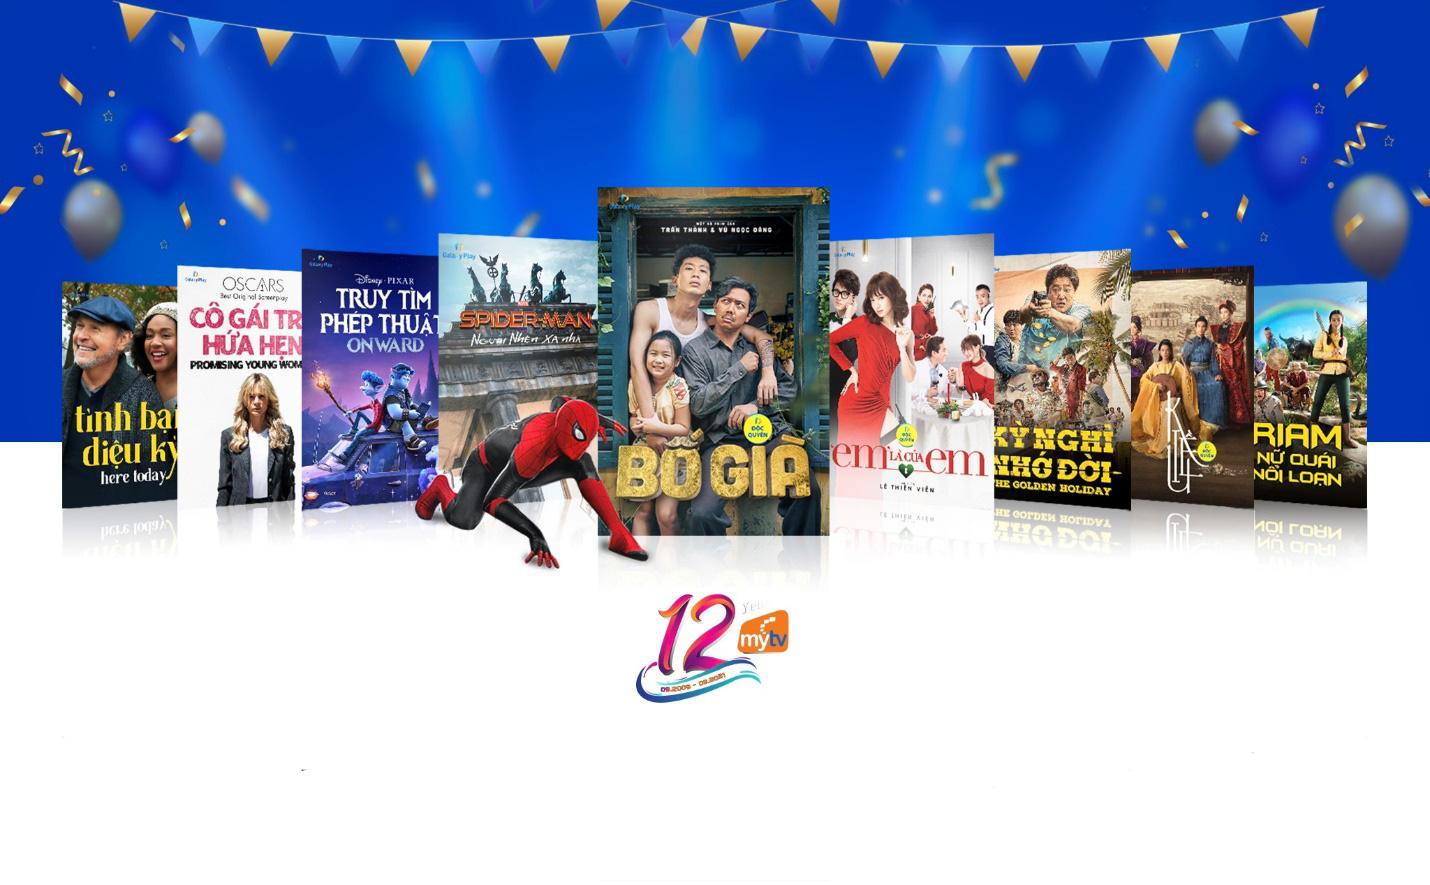 Truyền hình MyTV gửi tặng những phần quà tinh thần tri ân khách hàng nhân kỷ niệm sinh nhật 12 năm